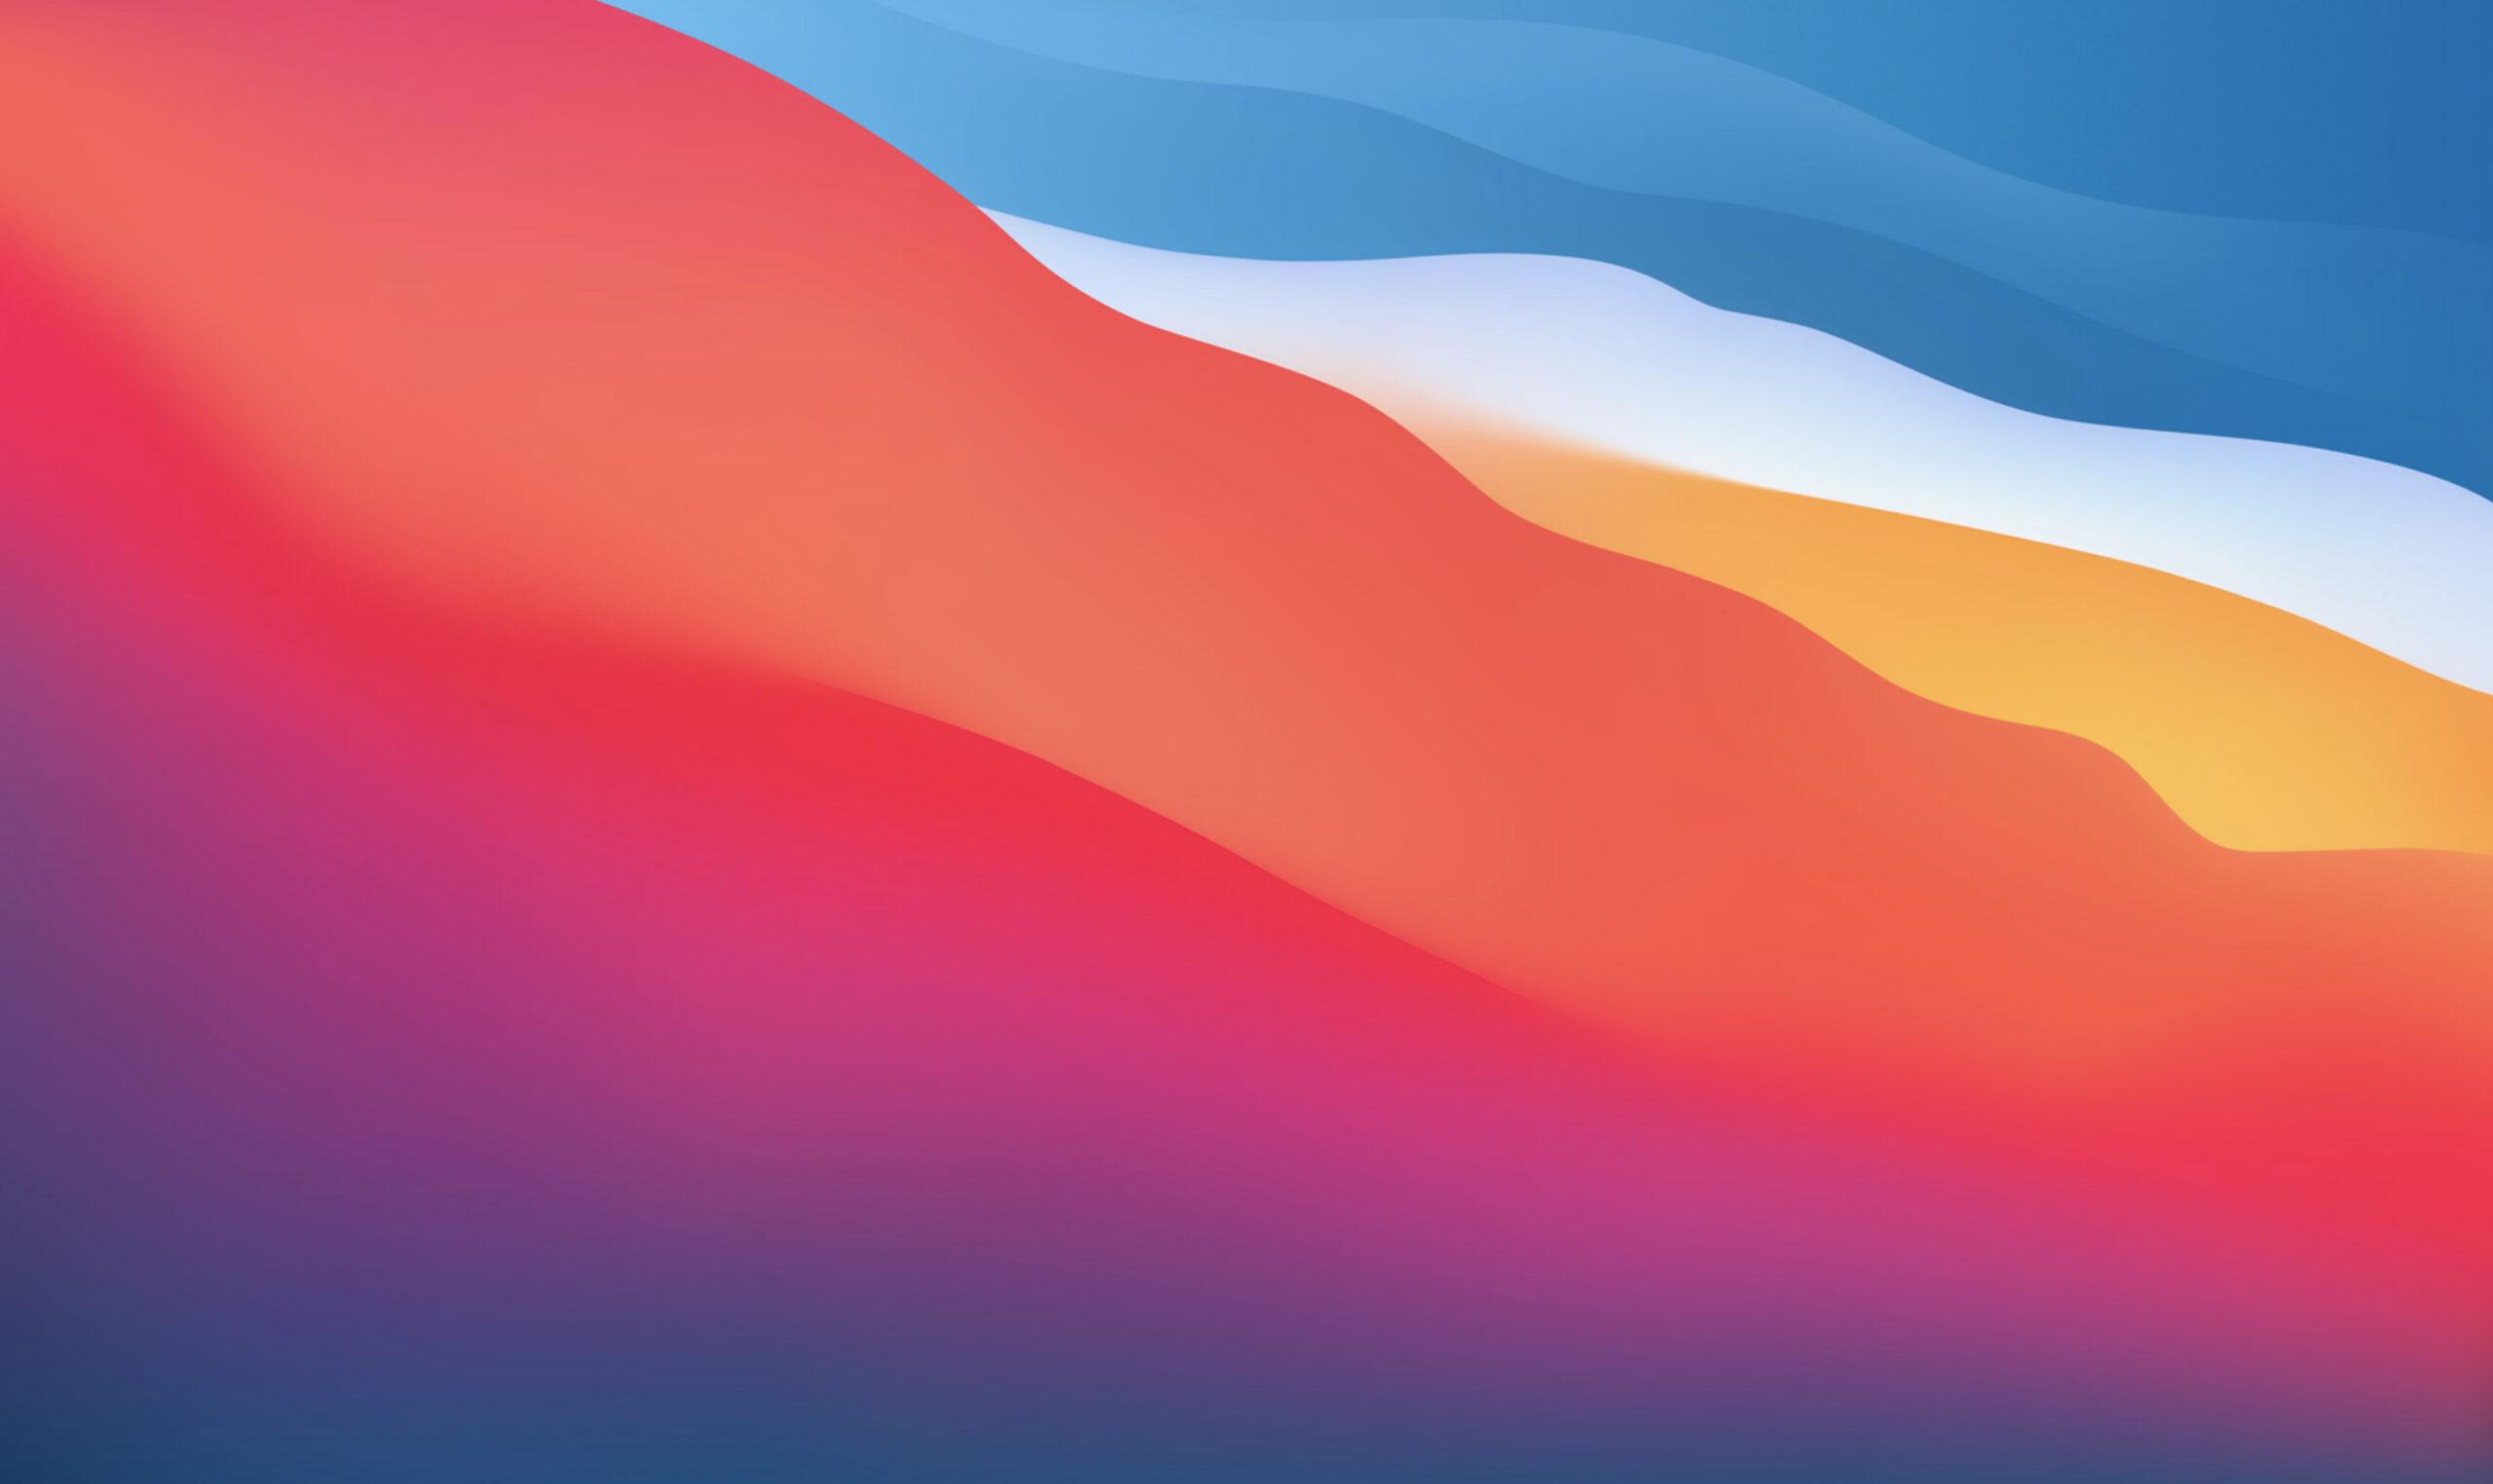 Ladda ner bakgrundsbilden från macOS Big Sur